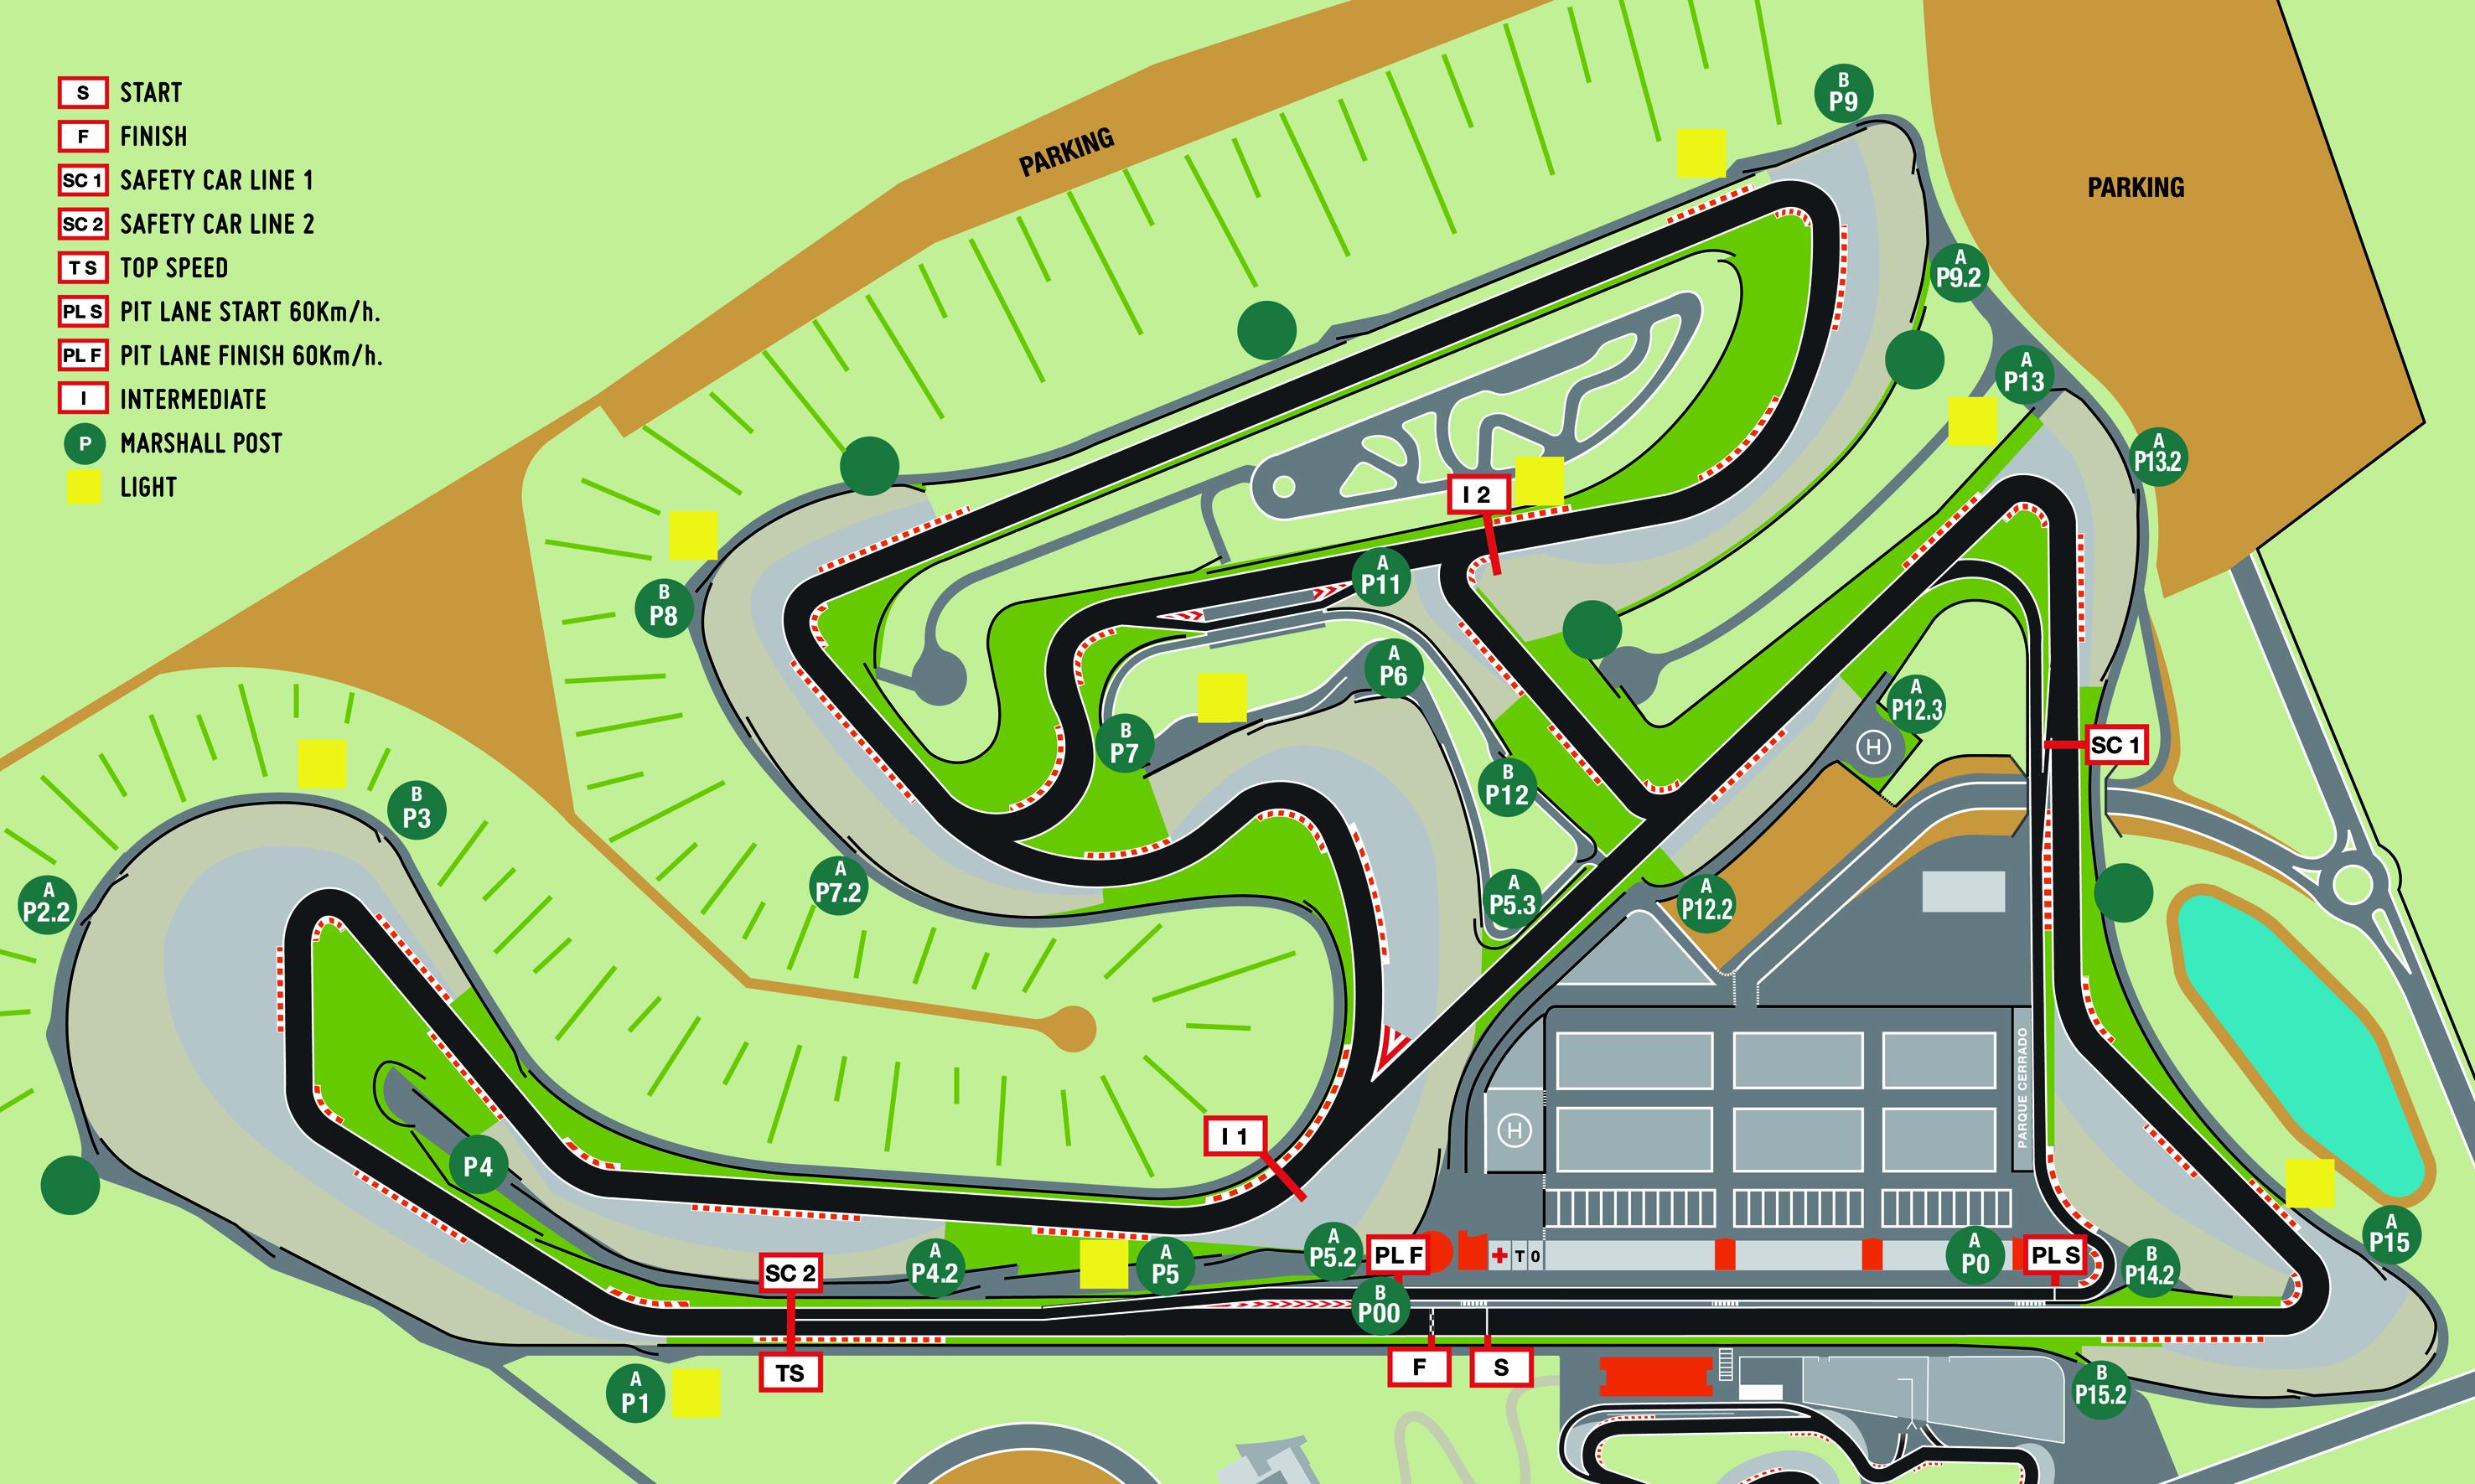 Circuito Los Arcos : Guía definitiva del circuito de navarra especial trackday